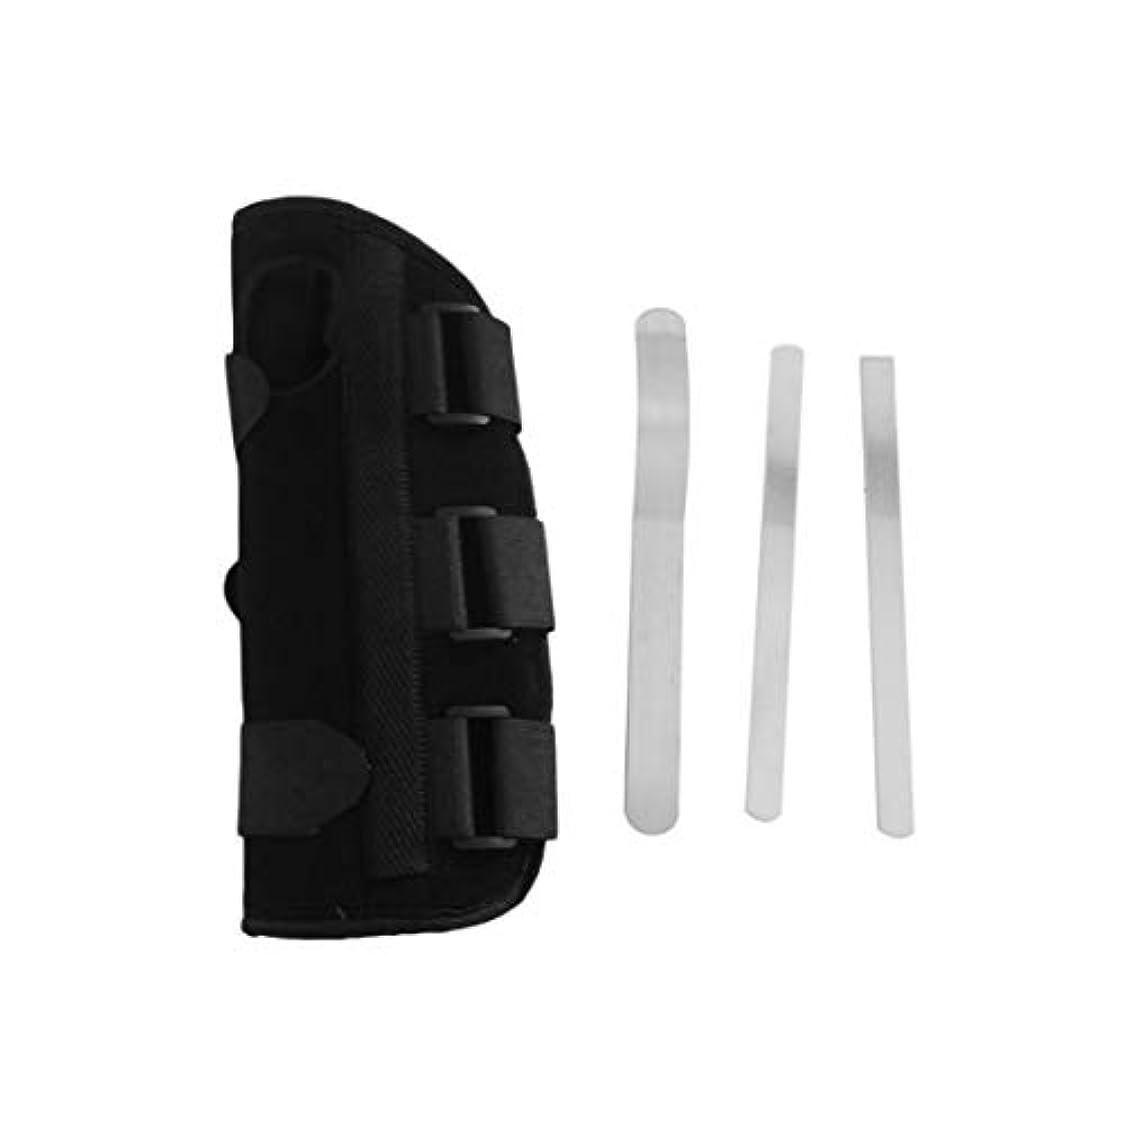 盆地怪しい簡単に手首副木ブレース保護サポートストラップカルペルトンネルCTS RSI痛み軽減取り外し可能な副木快適な軽量ストラップ - ブラックS